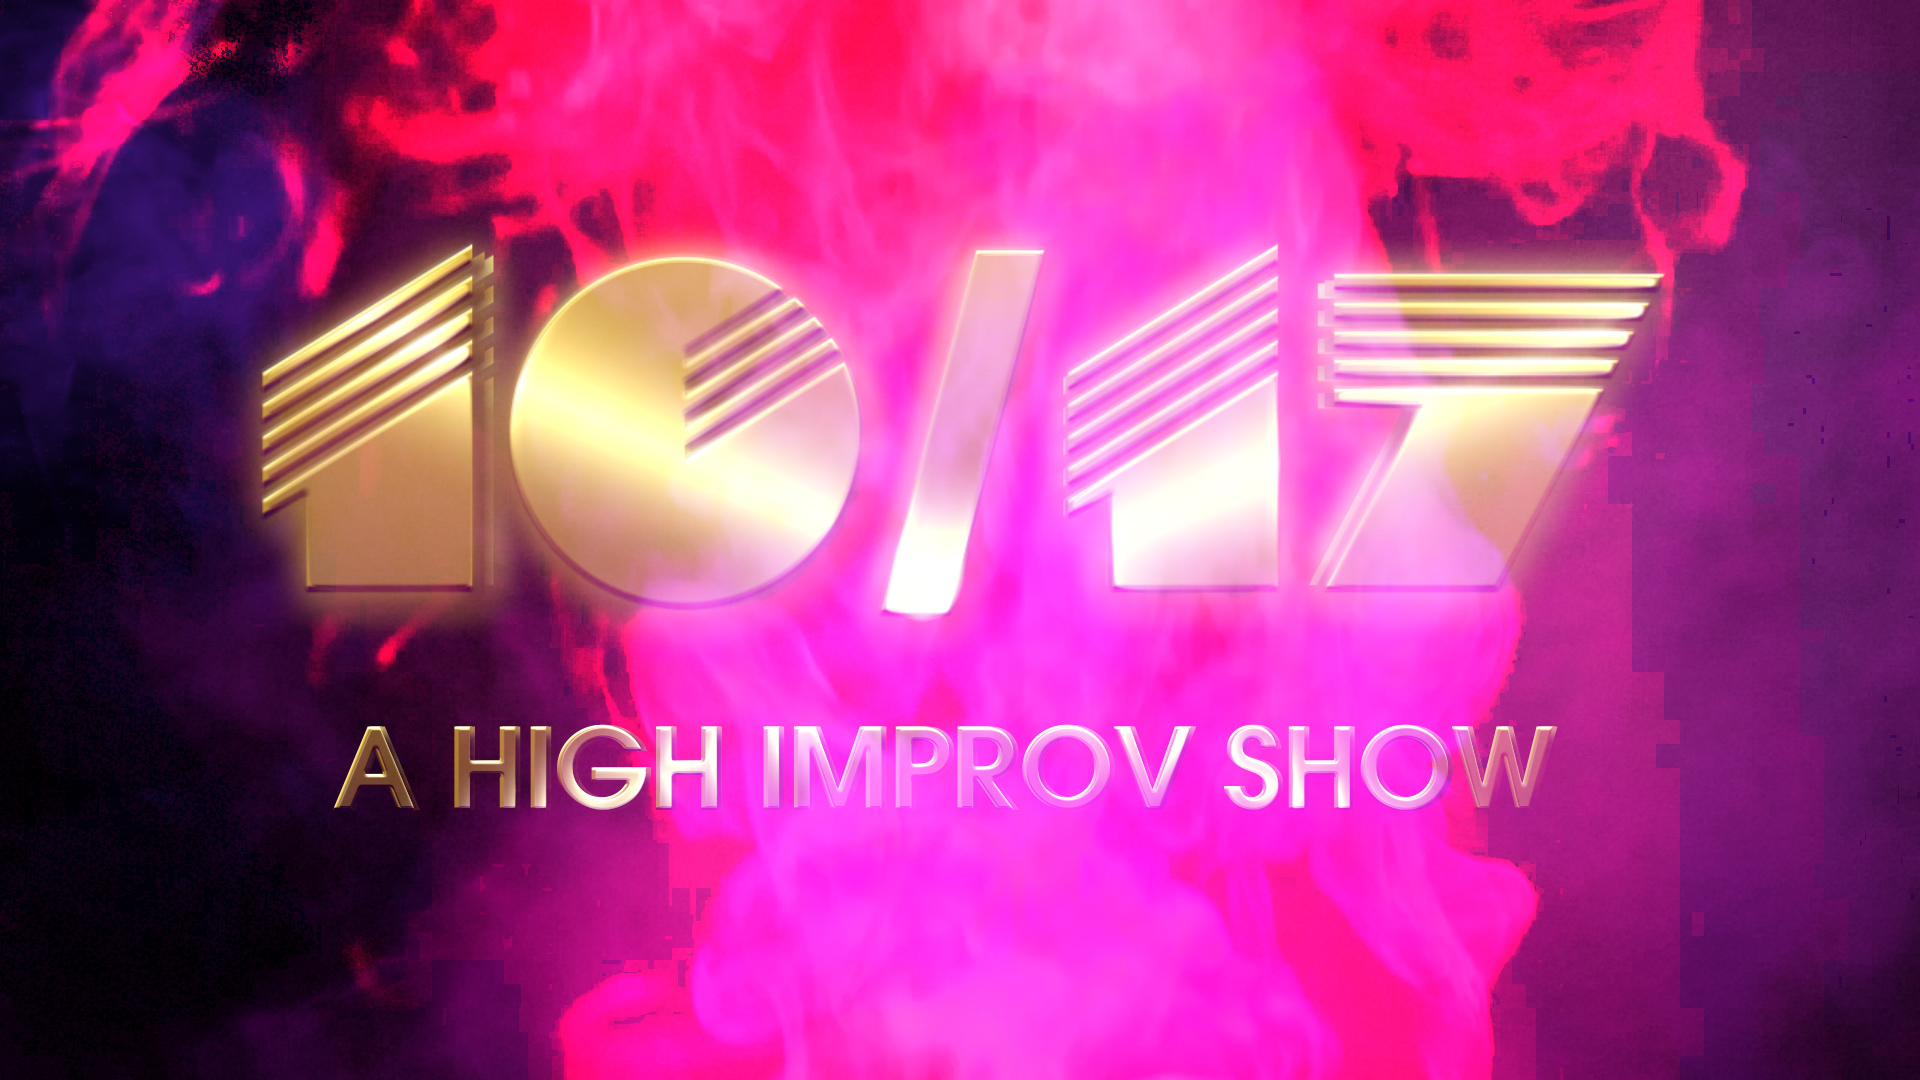 10/17: A High Improv Show